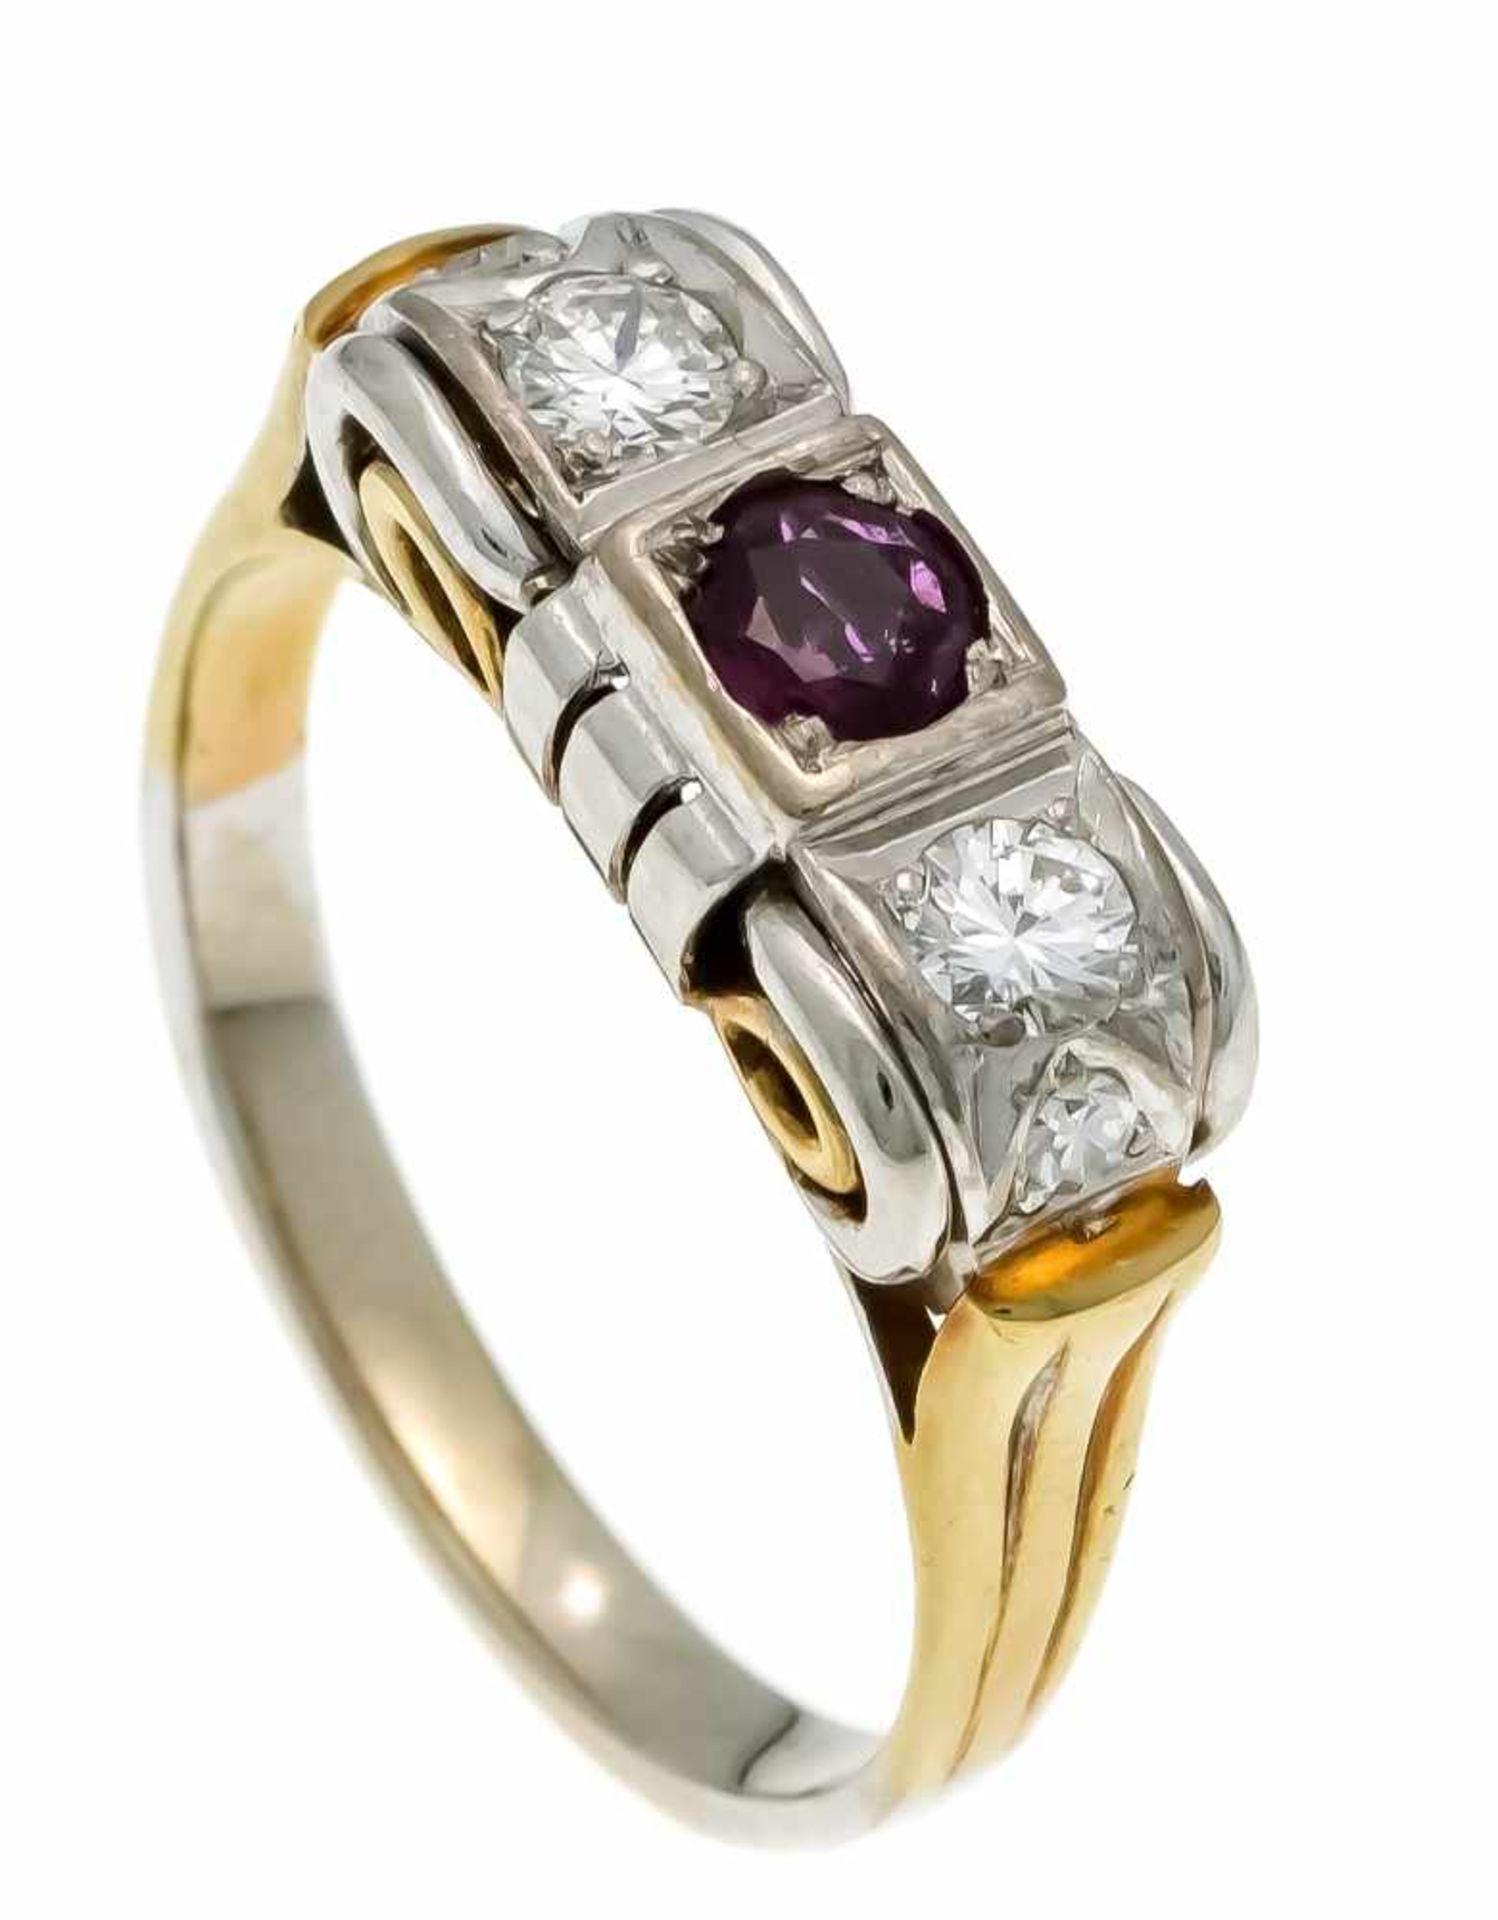 Rubin-Brillant-Ring GG/WG 585/000 mit einem rund fac. Rubin 4 mm in guter Farbe und Reinheit,